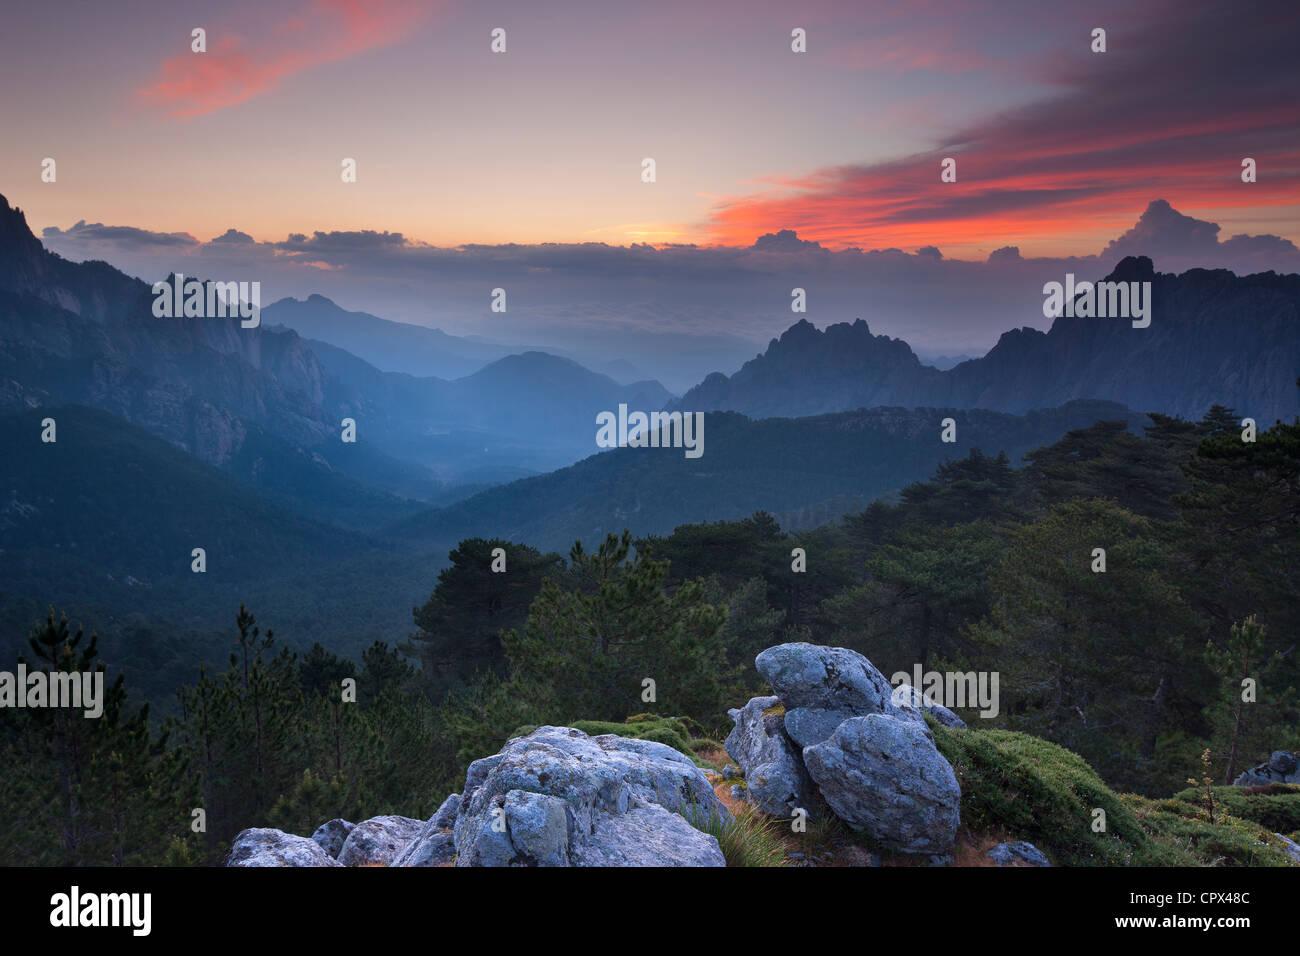 der Col de Bavella bei Dämmerung, Bavella Gebirge, Korsika, Frankreich Stockfoto